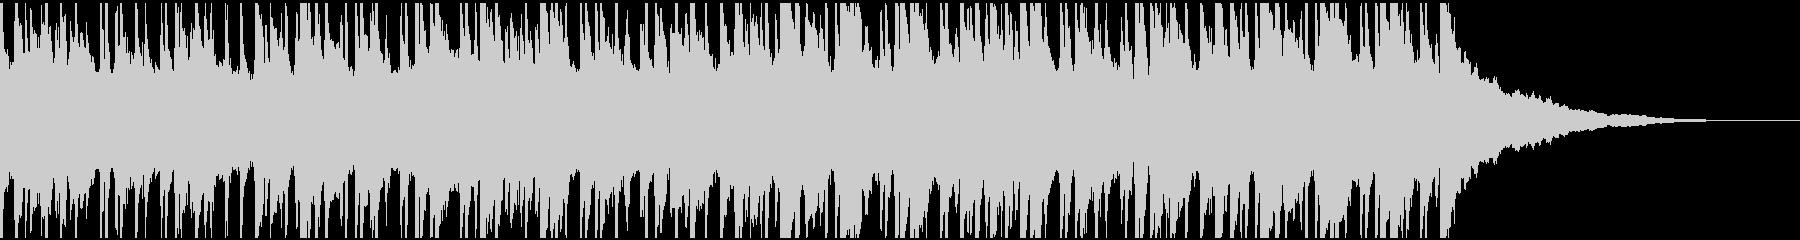 ウクレレ、リコーダーの楽しい楽曲60秒Bの未再生の波形